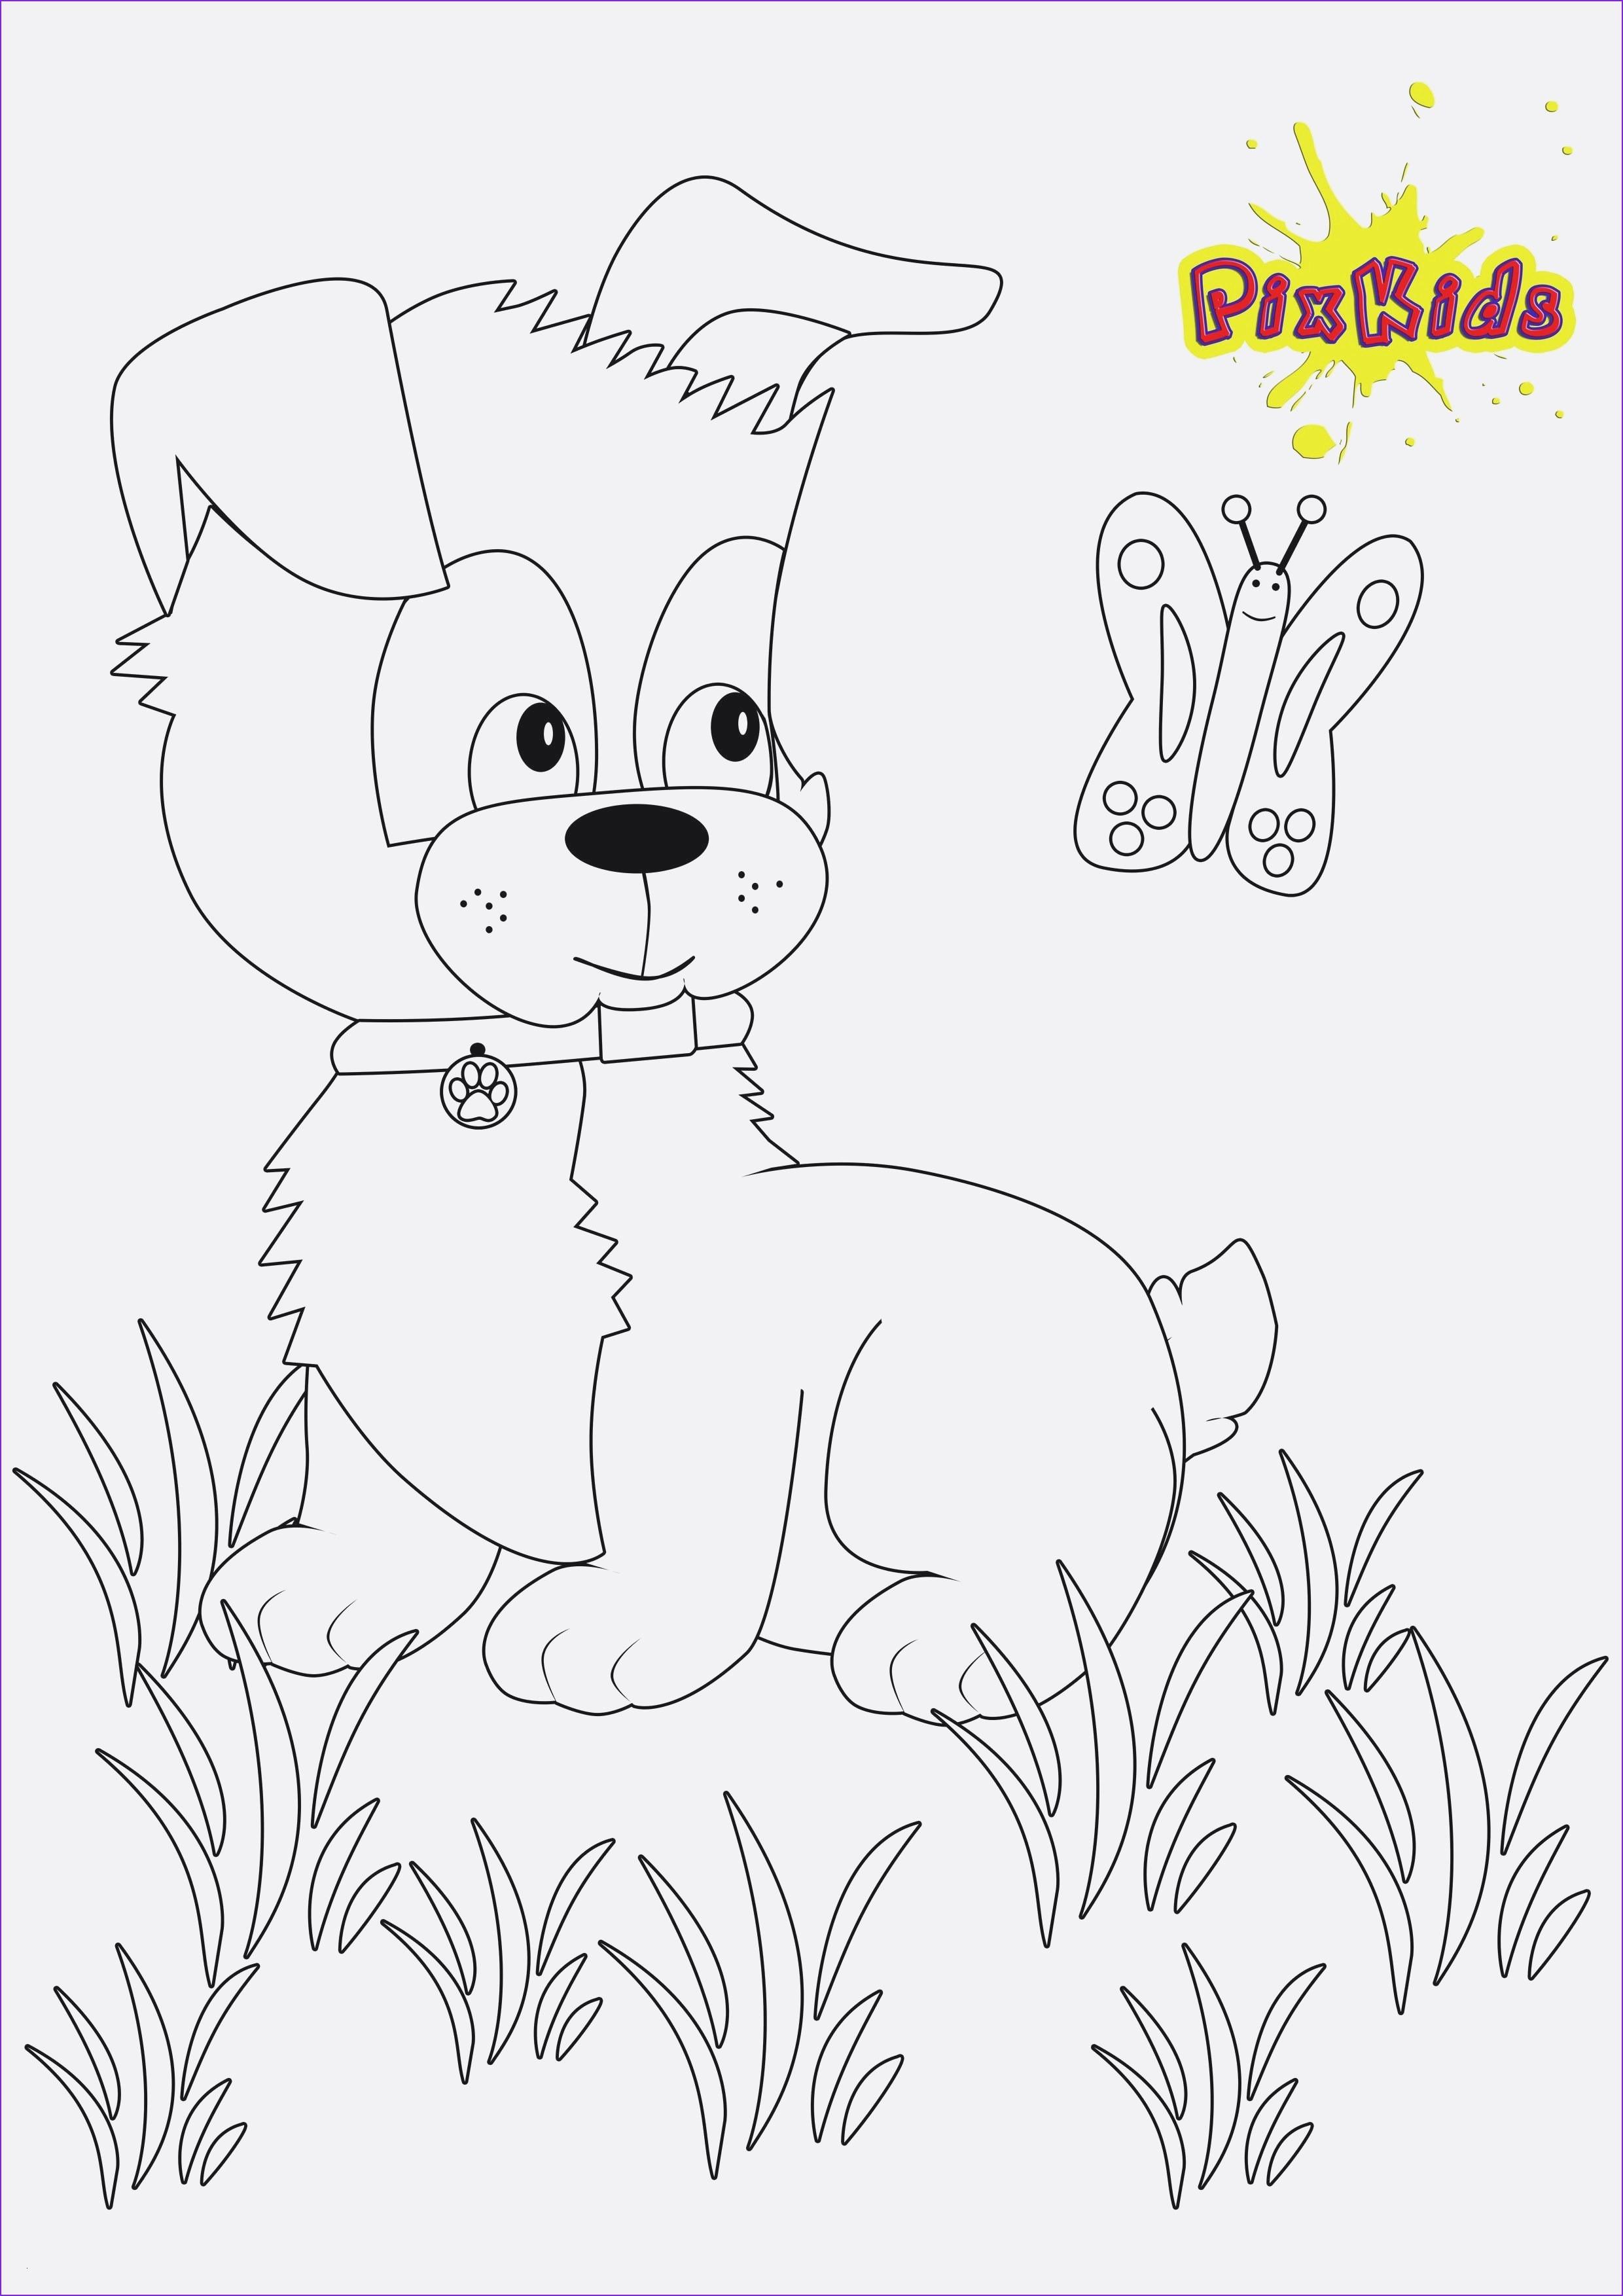 Eulen Auf ast Malvorlagen Einzigartig 40 Hund Ausmalbilder Scoredatscore Schön Eulen Ausmalbilder Mandala Das Bild